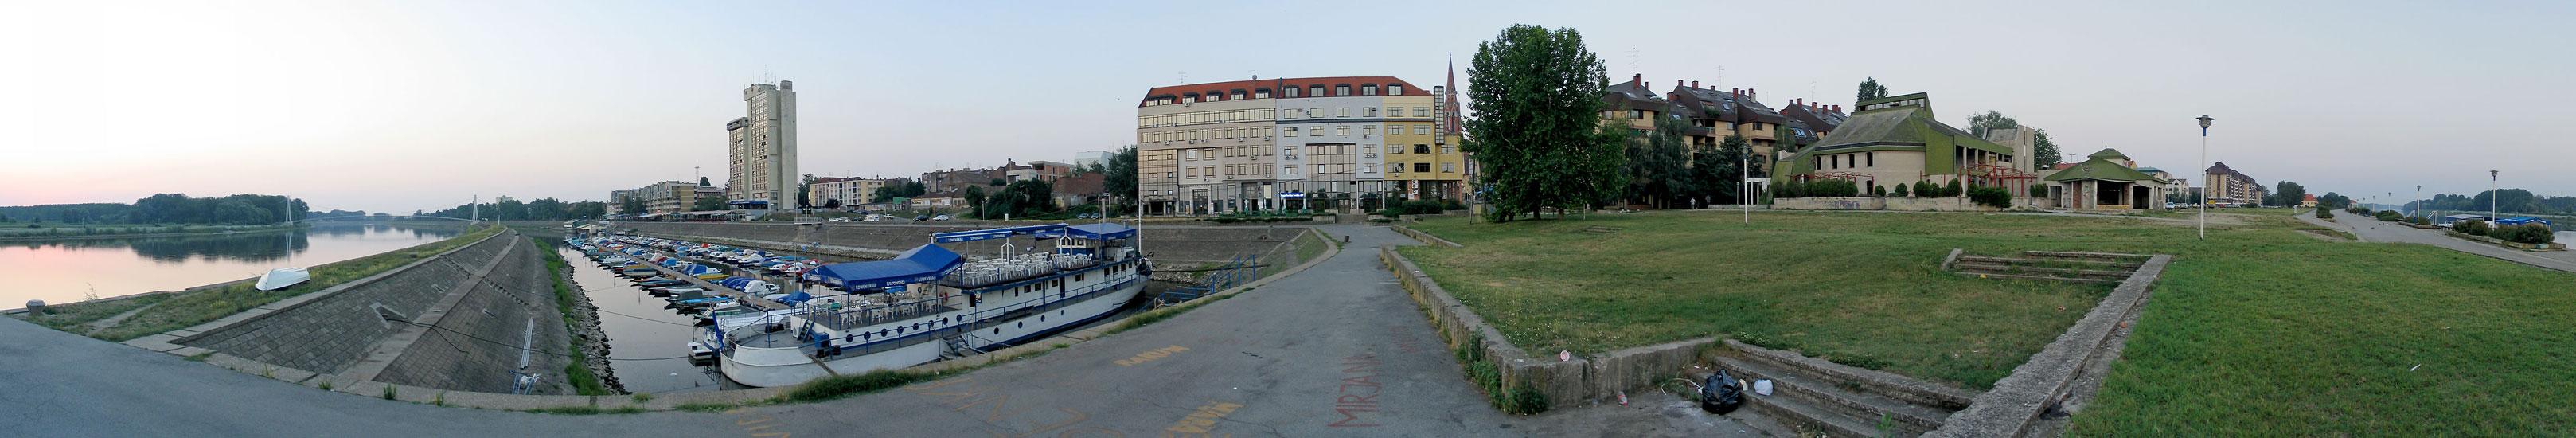 Prije nekoliko godina  Foto: steam  Ključne riječi: panorama hotel luka drava